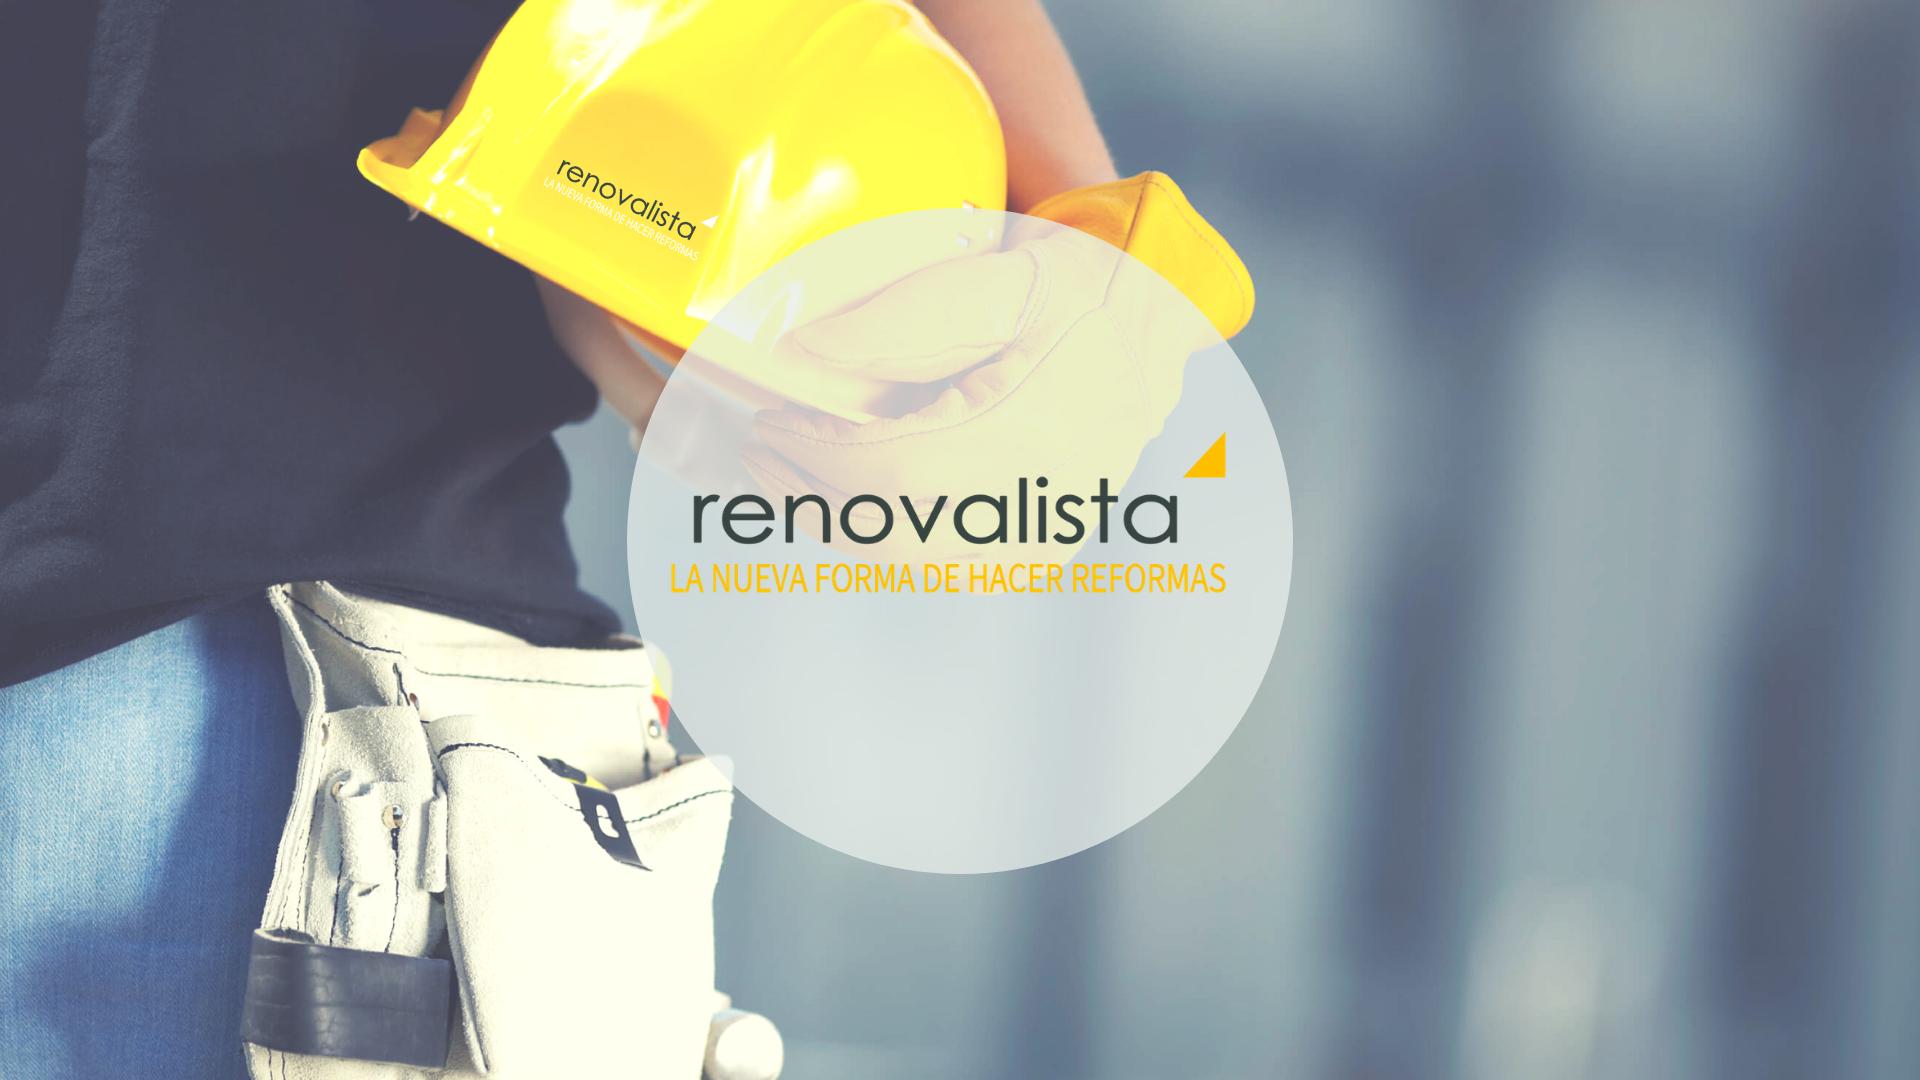 renovalista.com – La nueva forma de hacer reformas